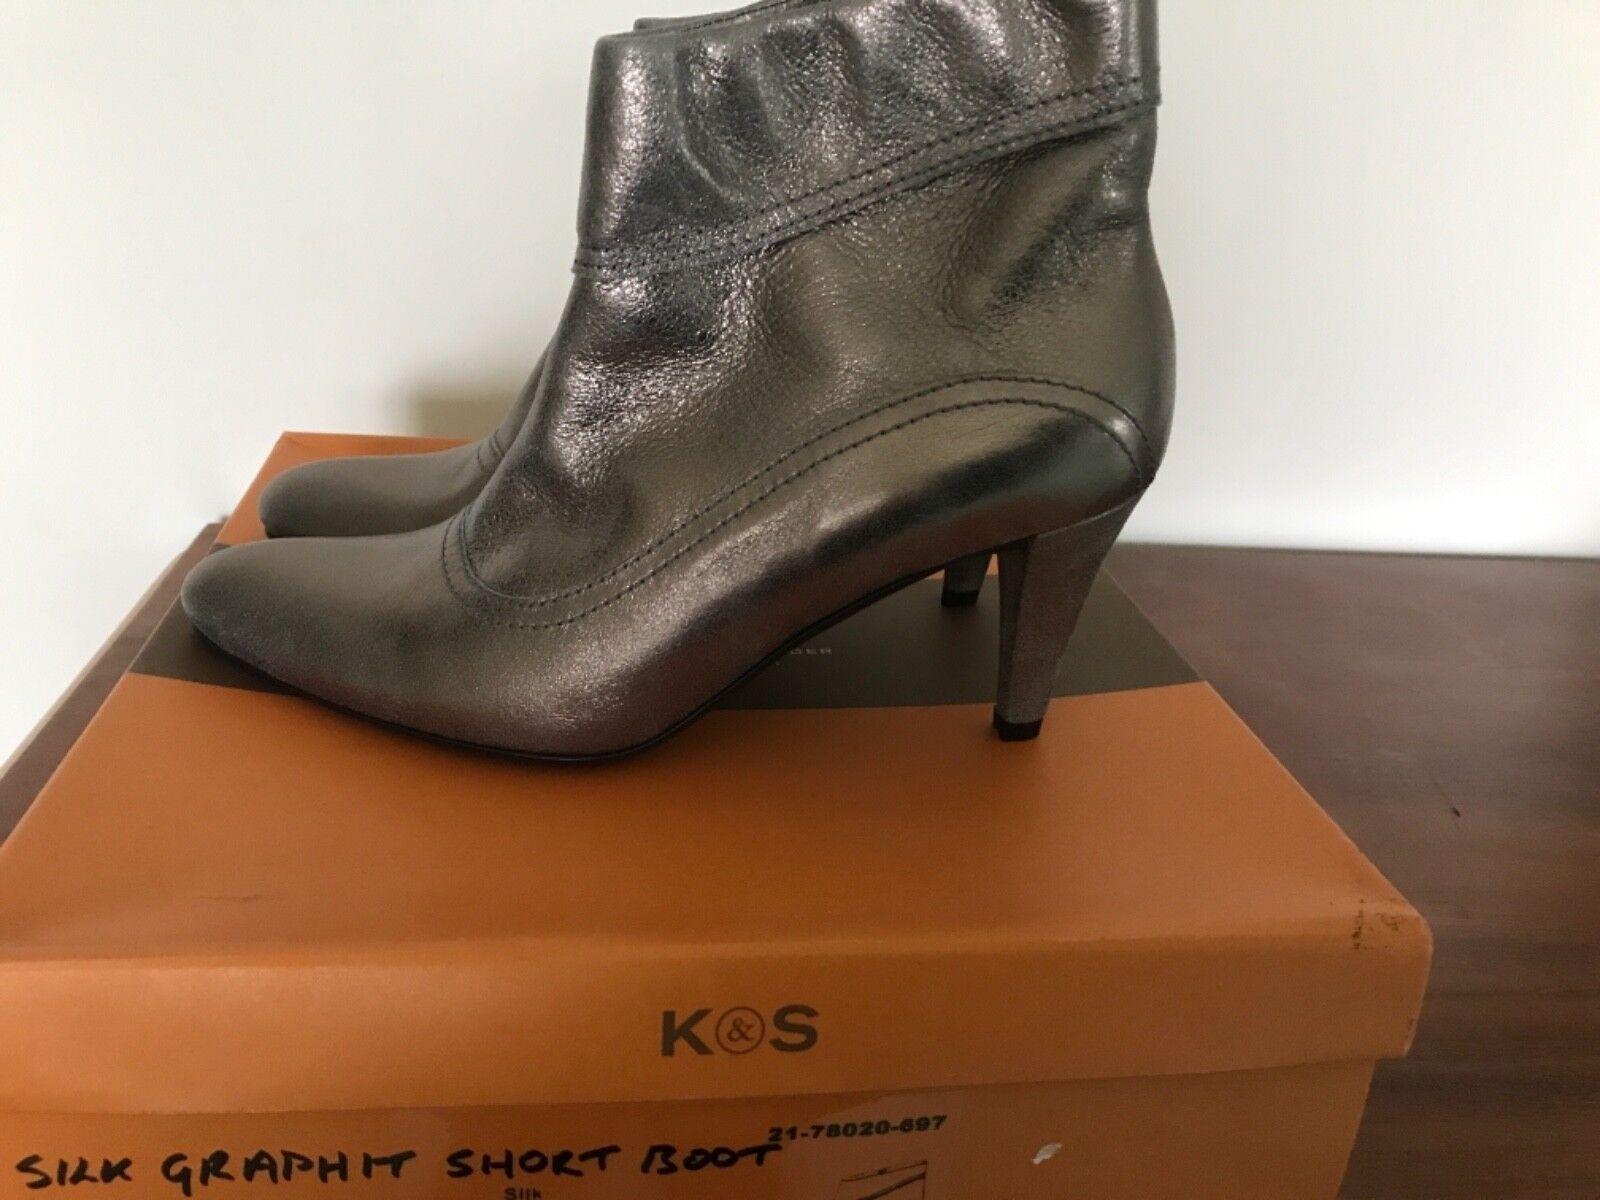 KS donna Grafite seta Grafite donna breve keather Boot Taglia 5 Nuovo con etichette f296cb